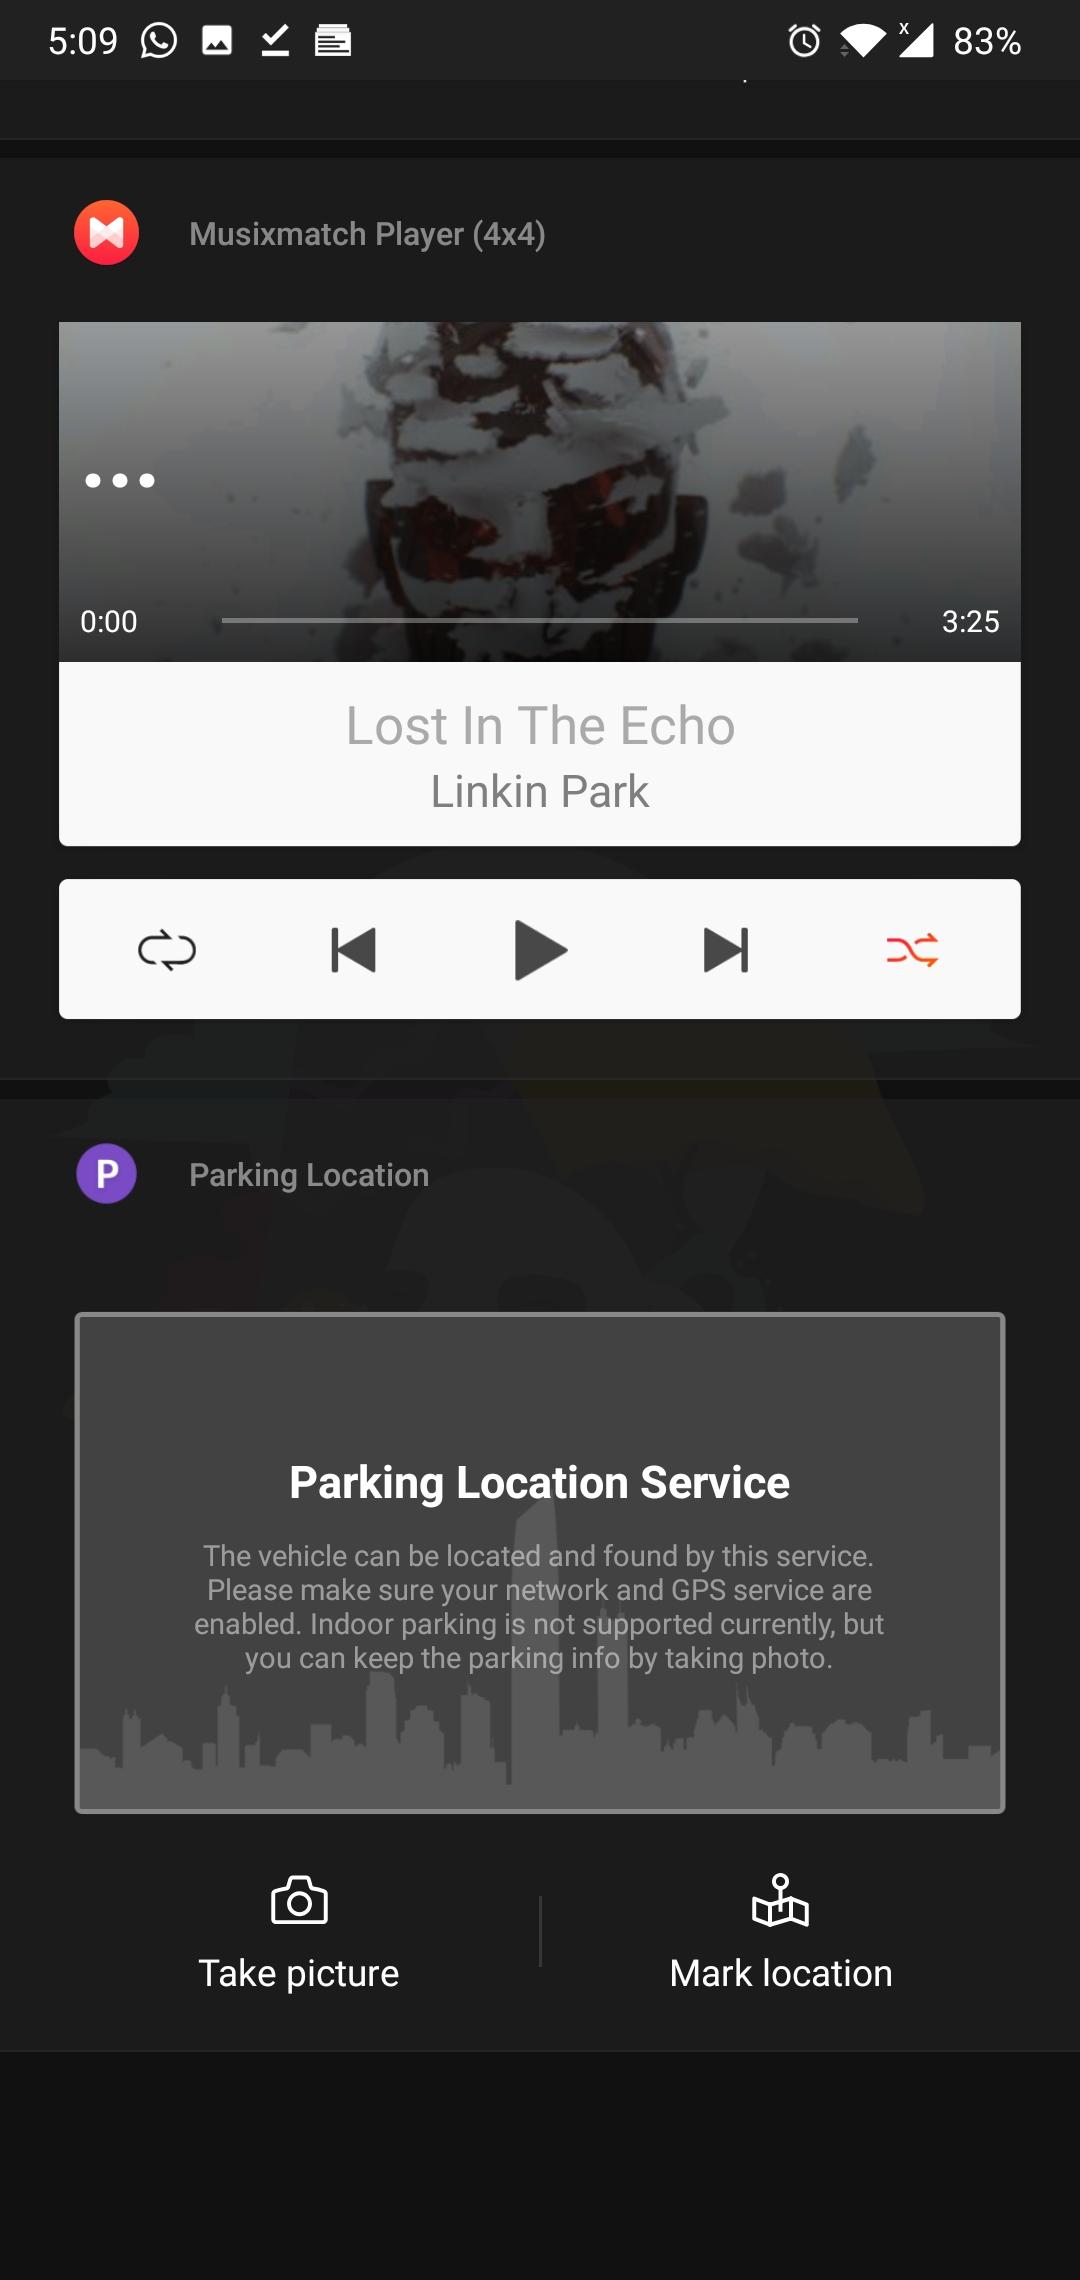 Tarjeta de ubicación de estacionamiento OnePlus